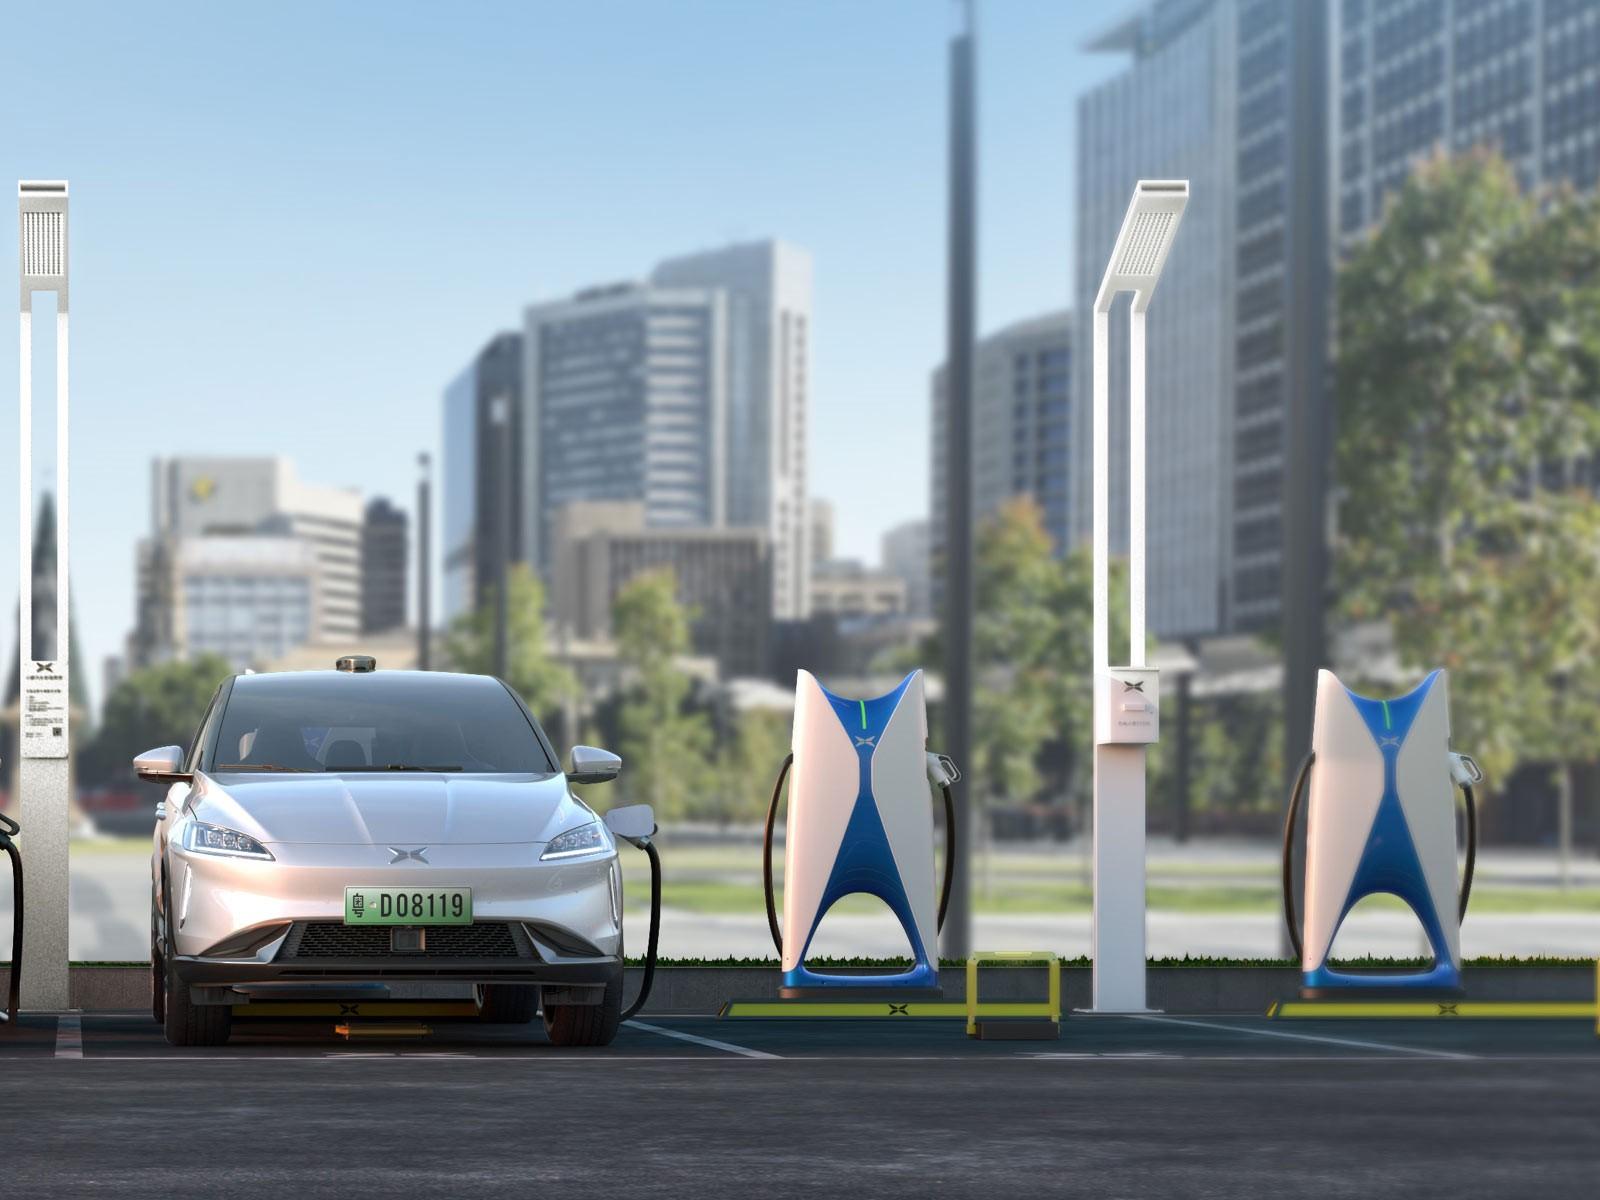 China's Answer to Tesla: Xpeng and NIO Backlash